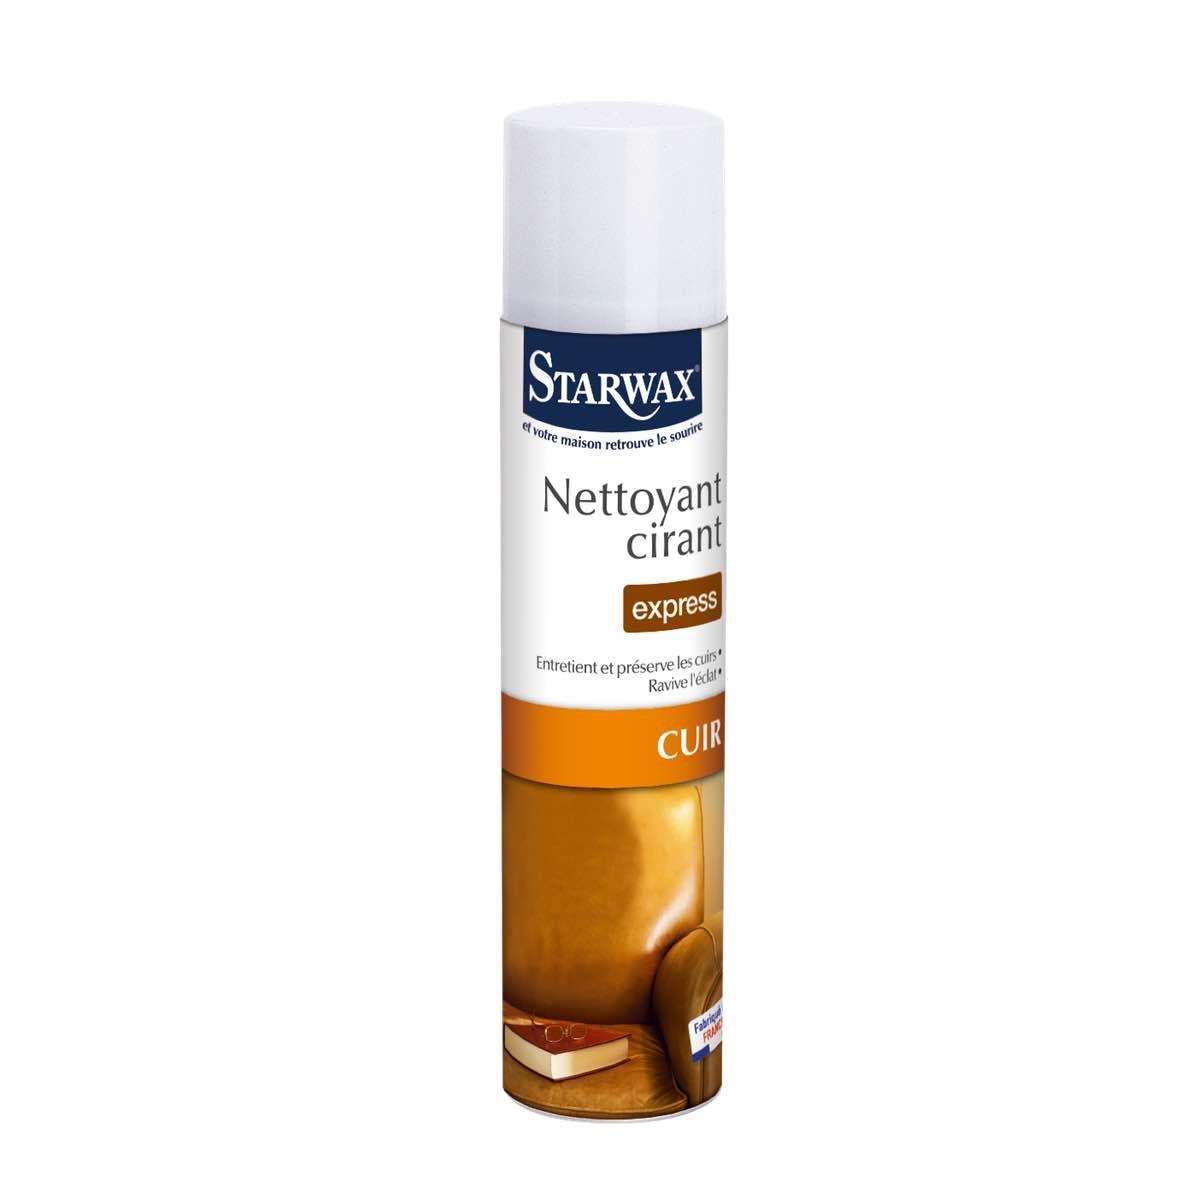 Entretien Du Cuir D Ameublement nettoyant cirant express tous cuirs | starwax, produits d